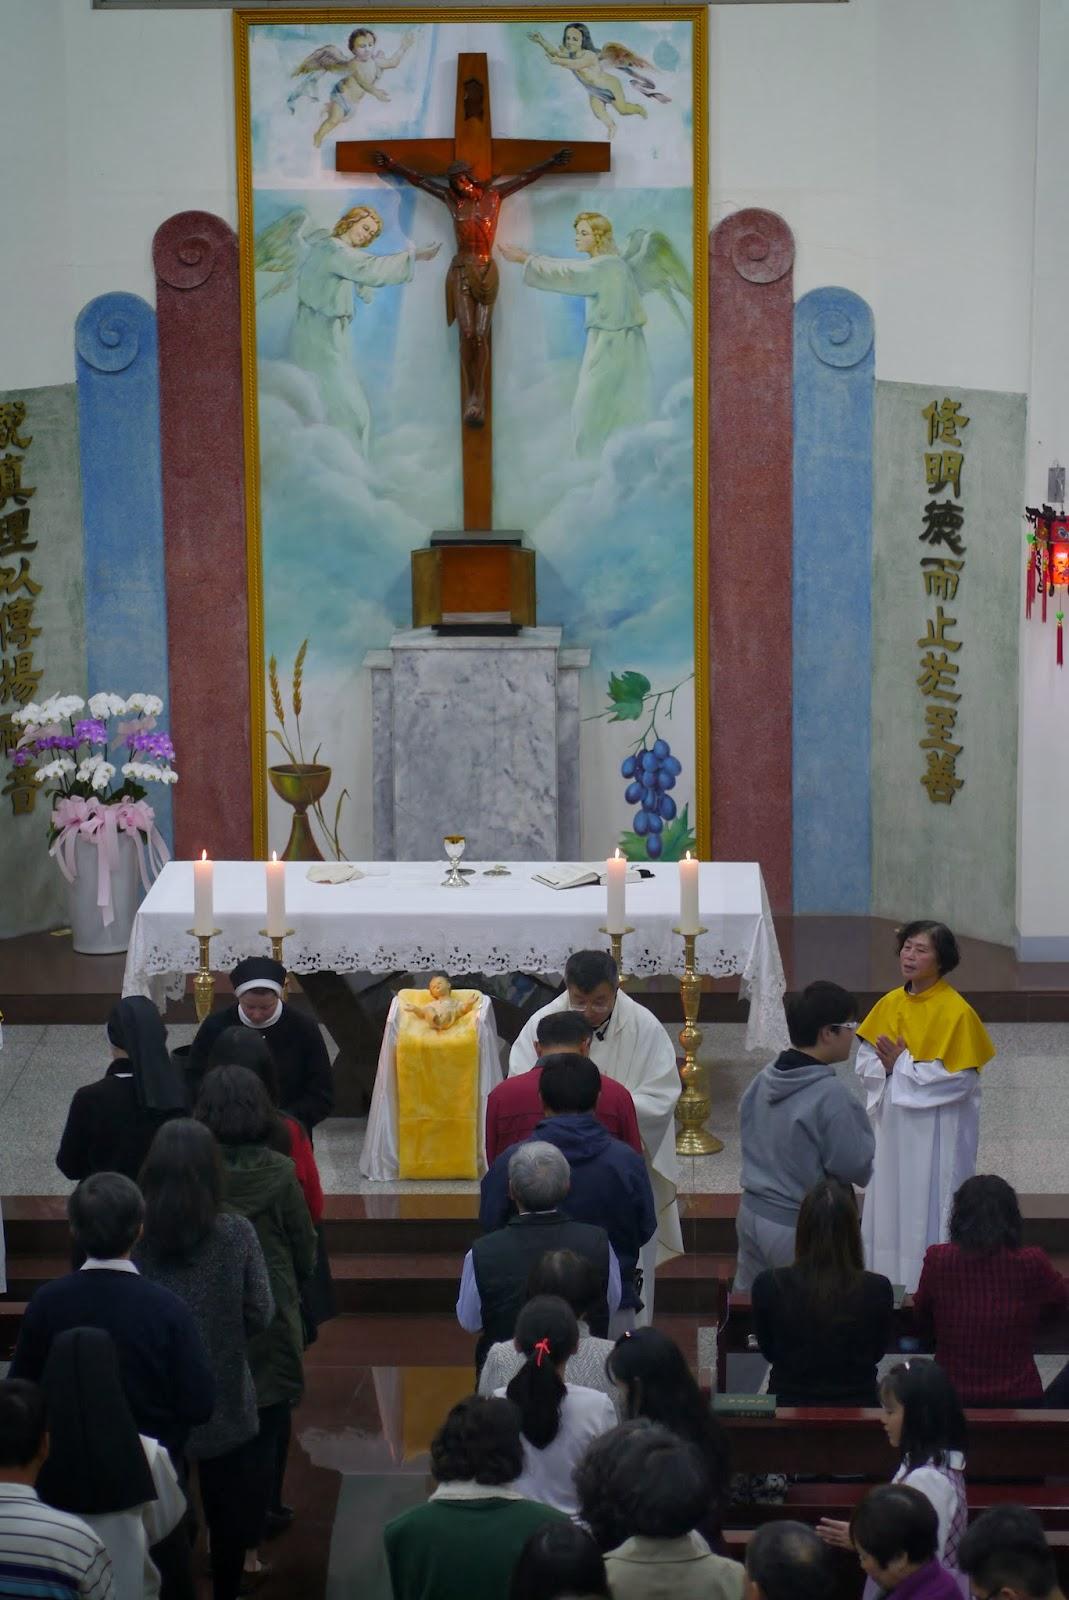 高雄萬福中華聖母堂 (前萬福天主堂) - Wanfu Catholic Church: 2013年子夜彌撒